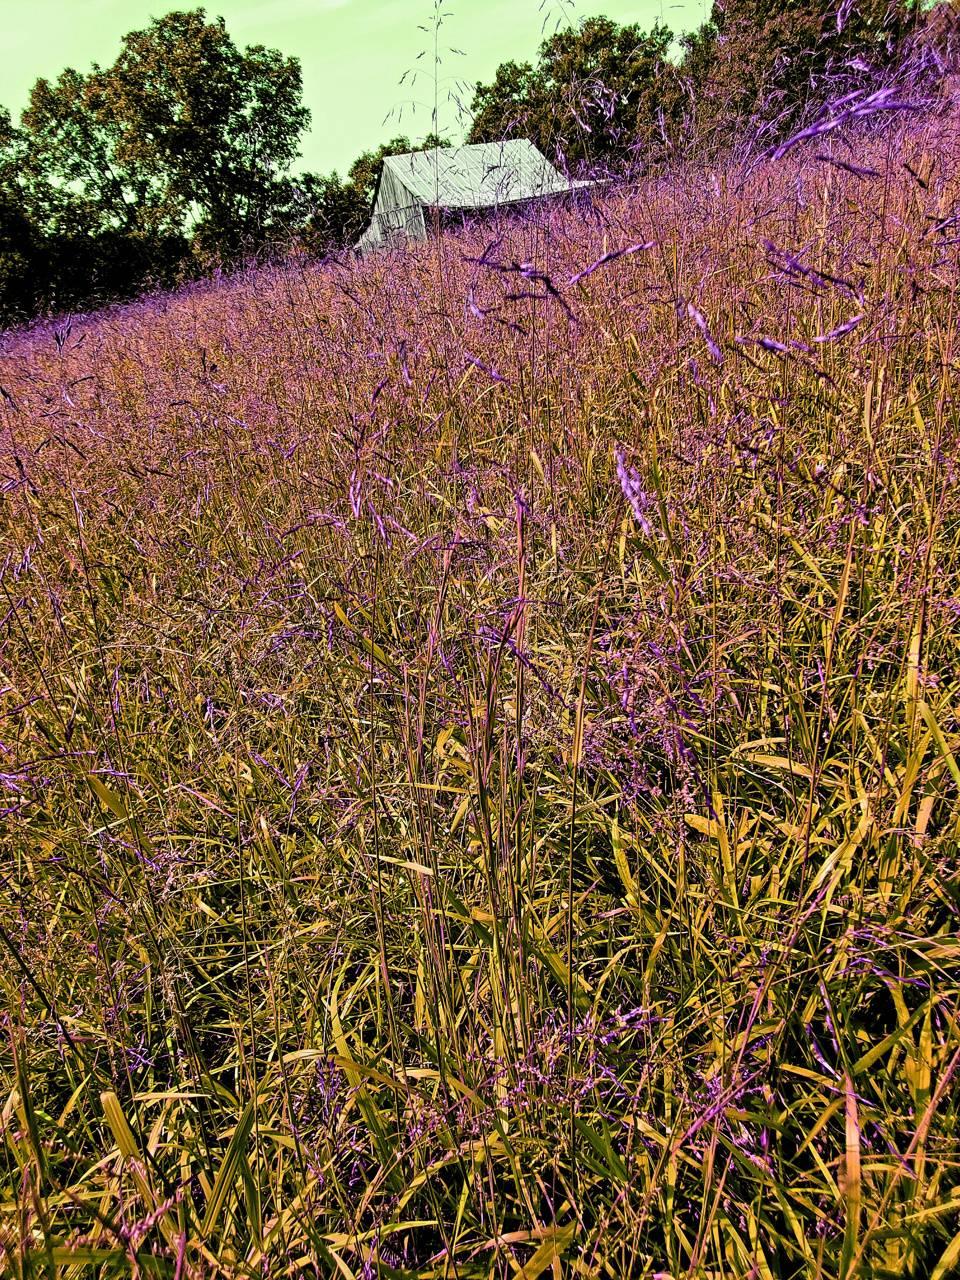 Tall Purple Grass